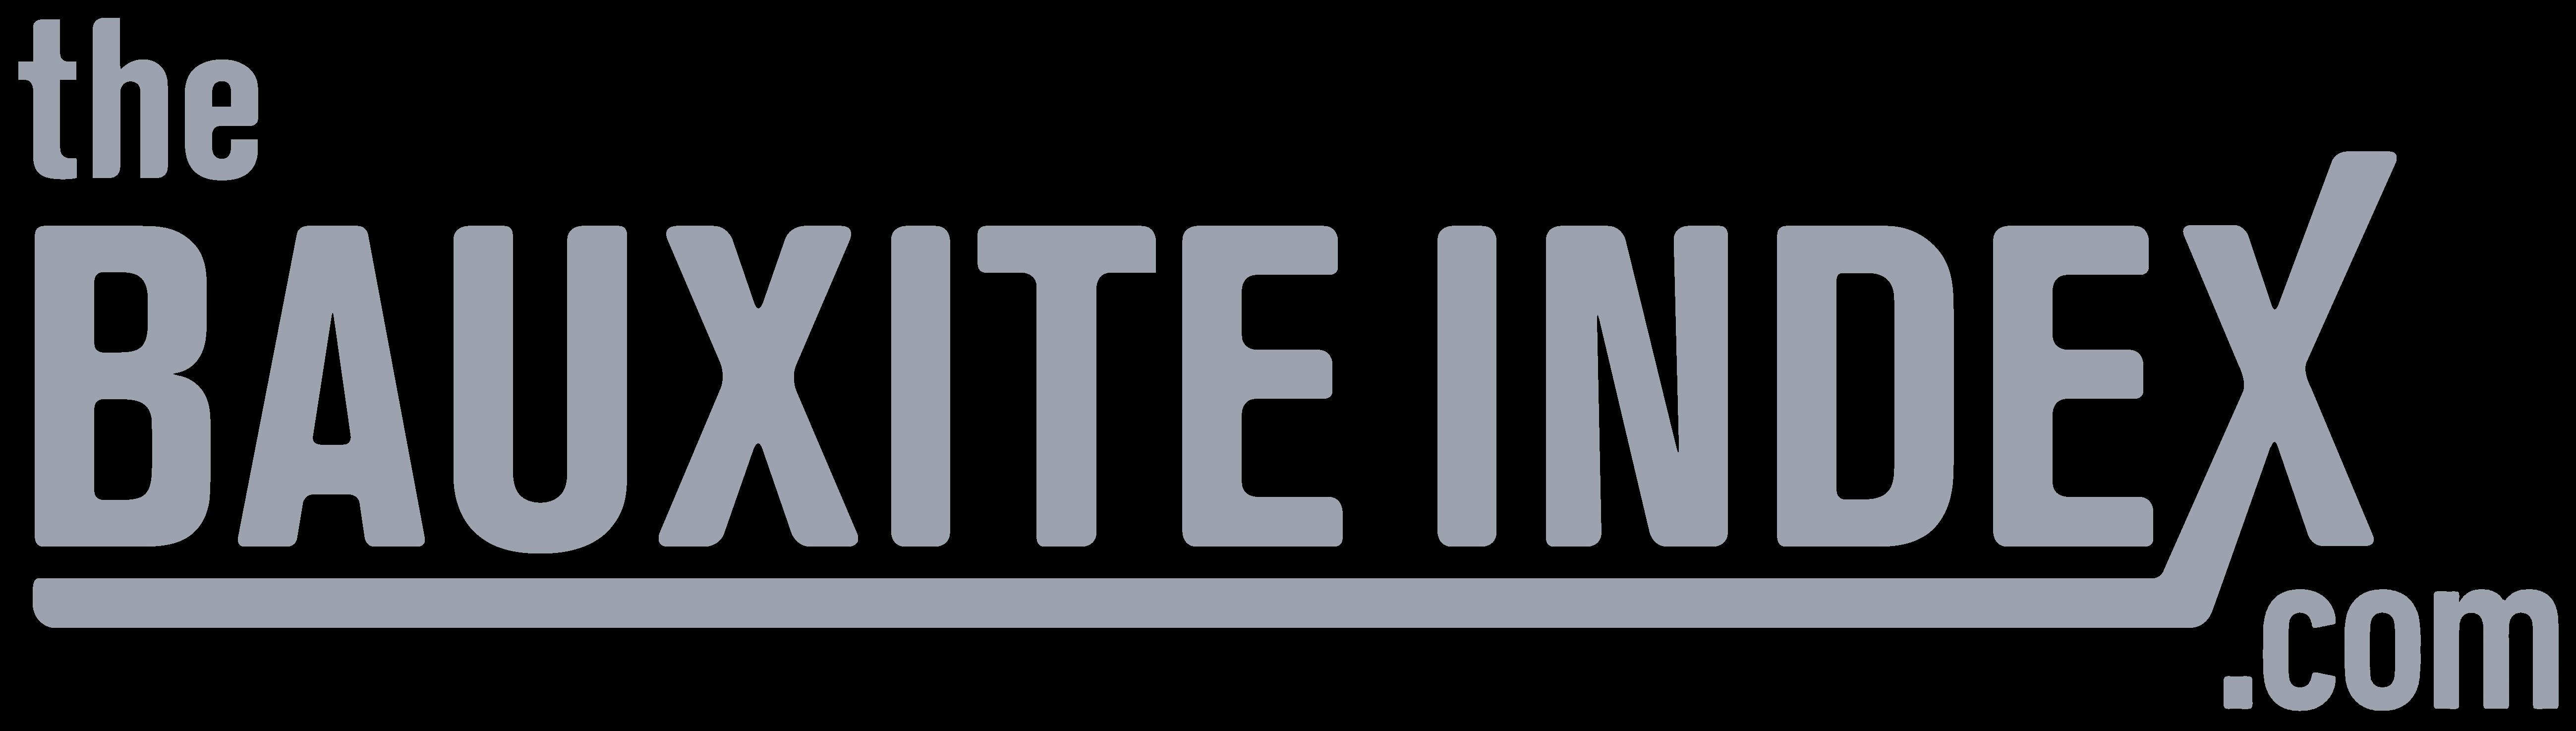 The Bauxite Index